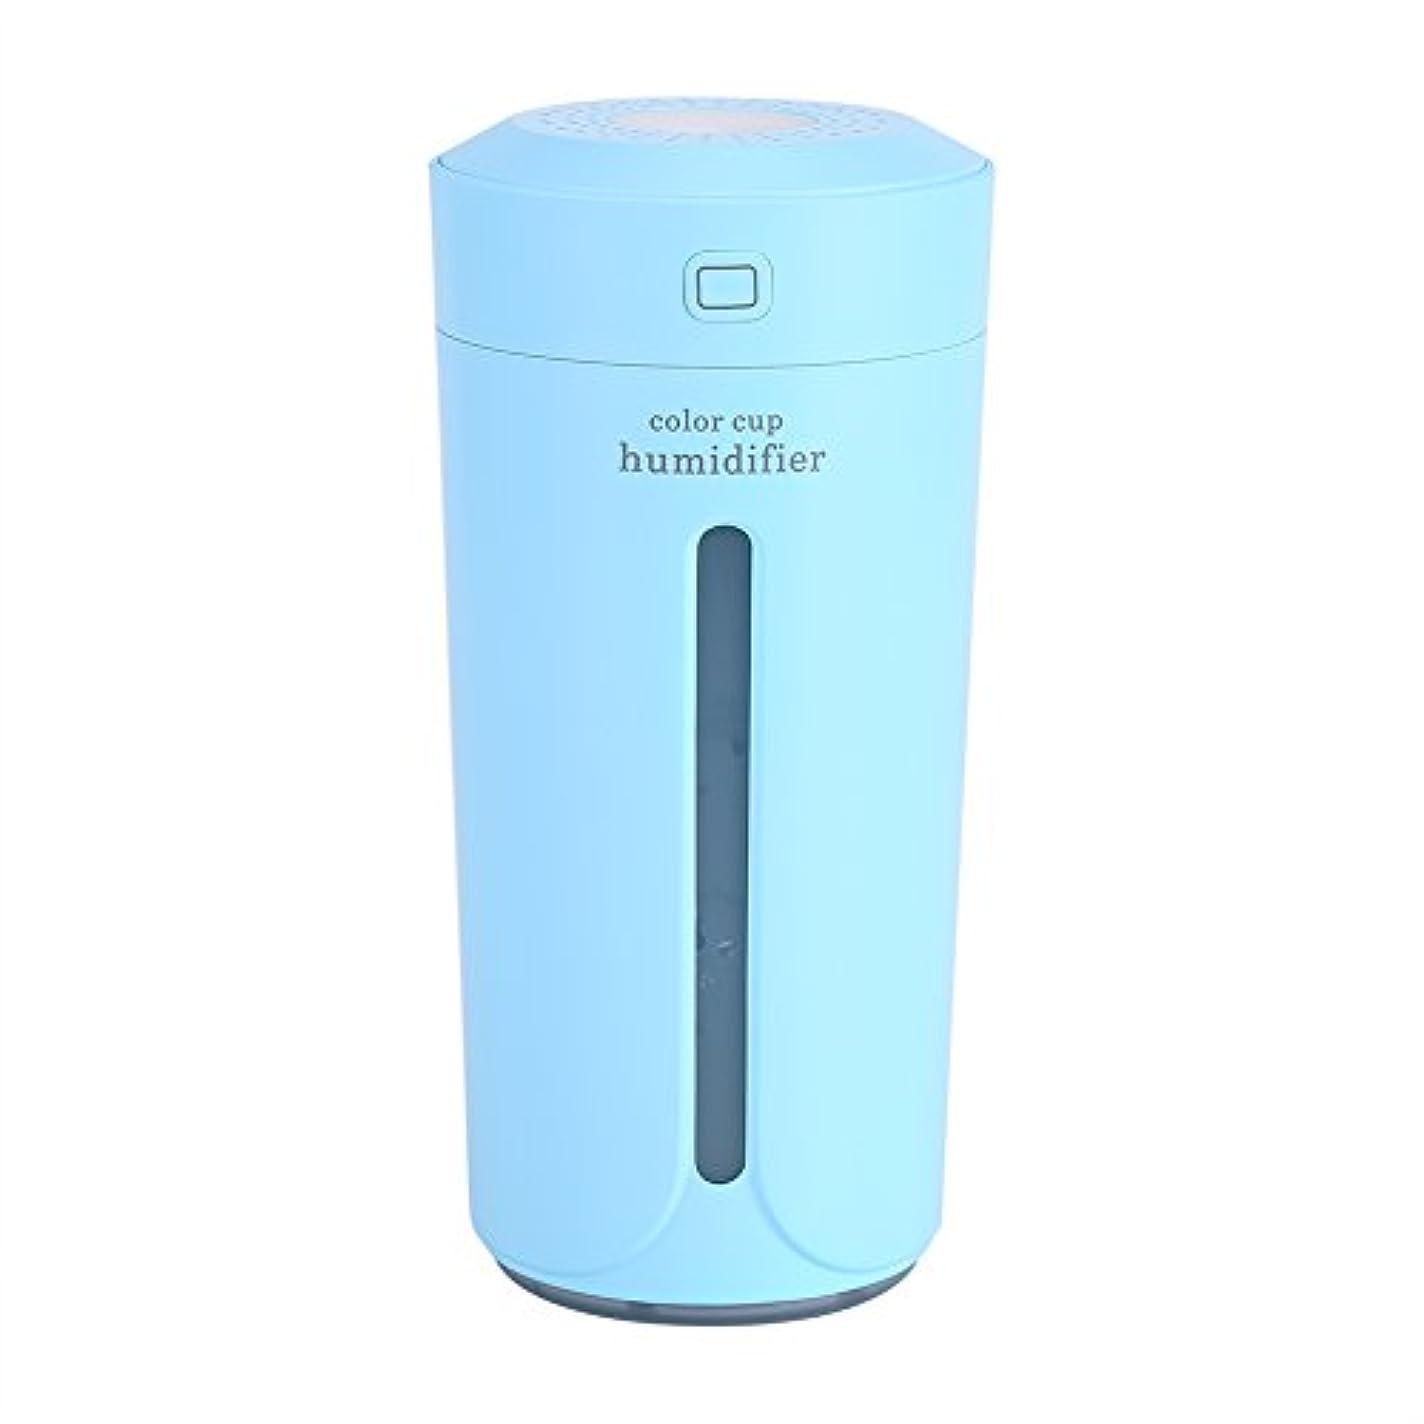 打たれたトラックスポーツの試合を担当している人子孫空気加湿器、携帯用LED USBの空気霧の噴霧器の加湿器の清浄器の家の寝室(青)